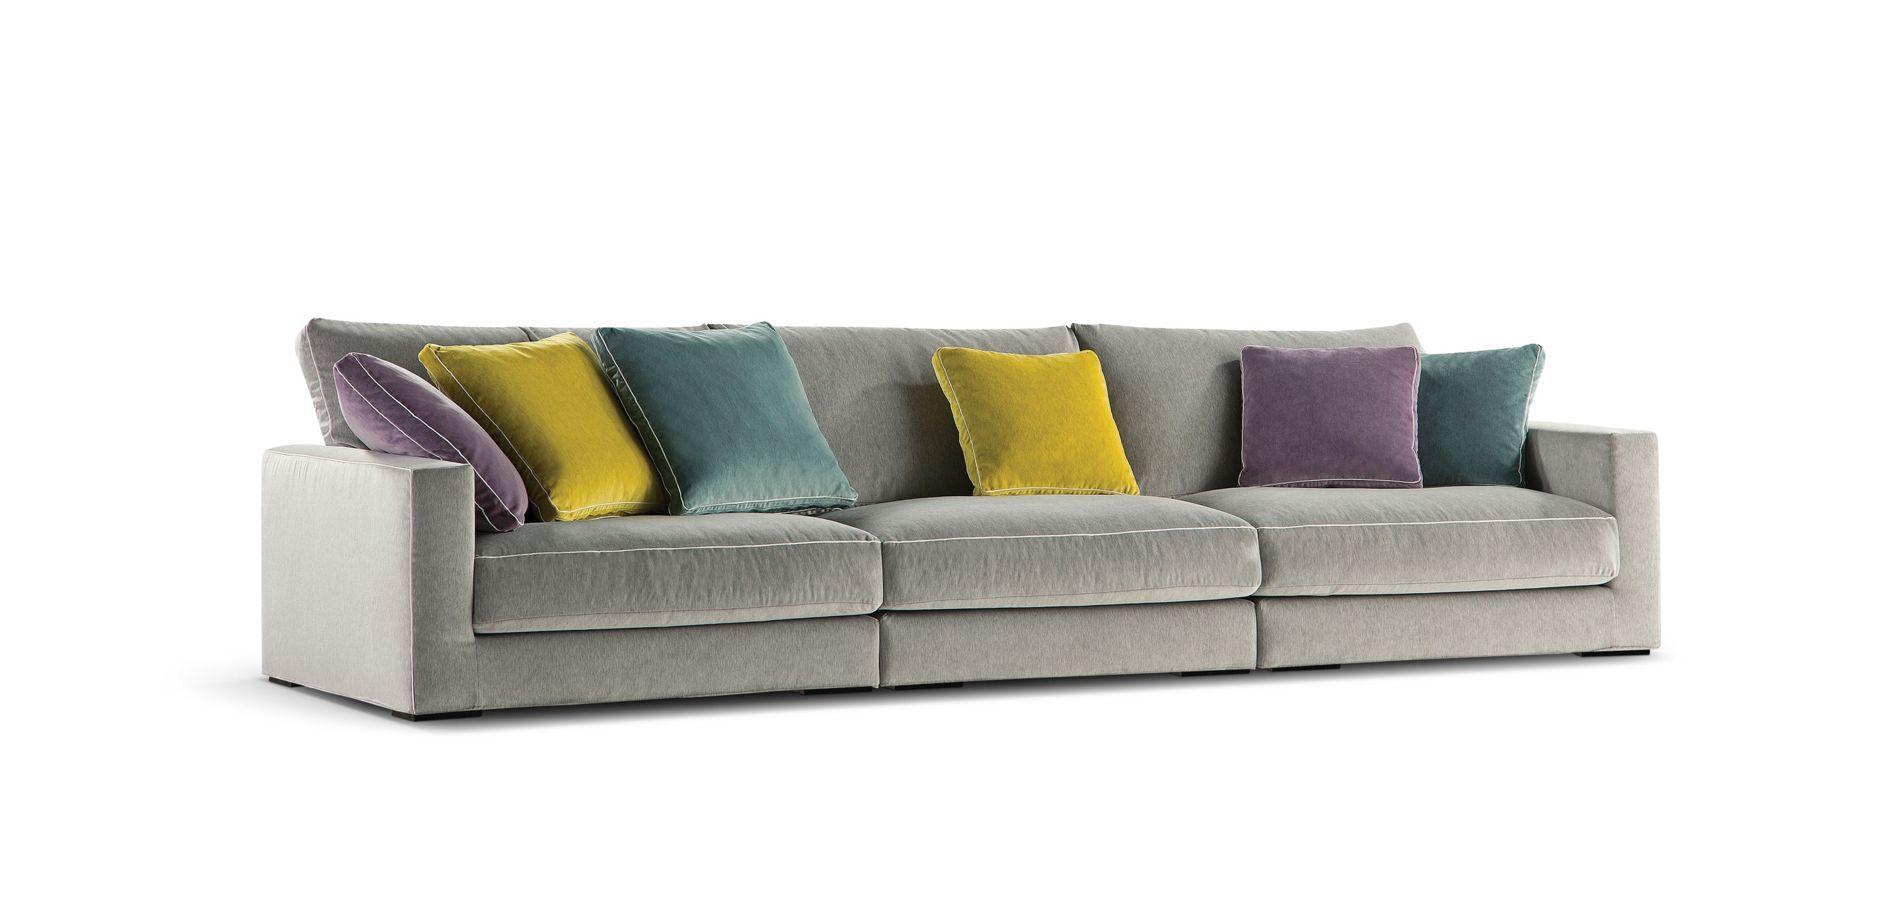 Long island straight composition sofas nouveaux classiques collection ro - Canape roche bobois solde ...